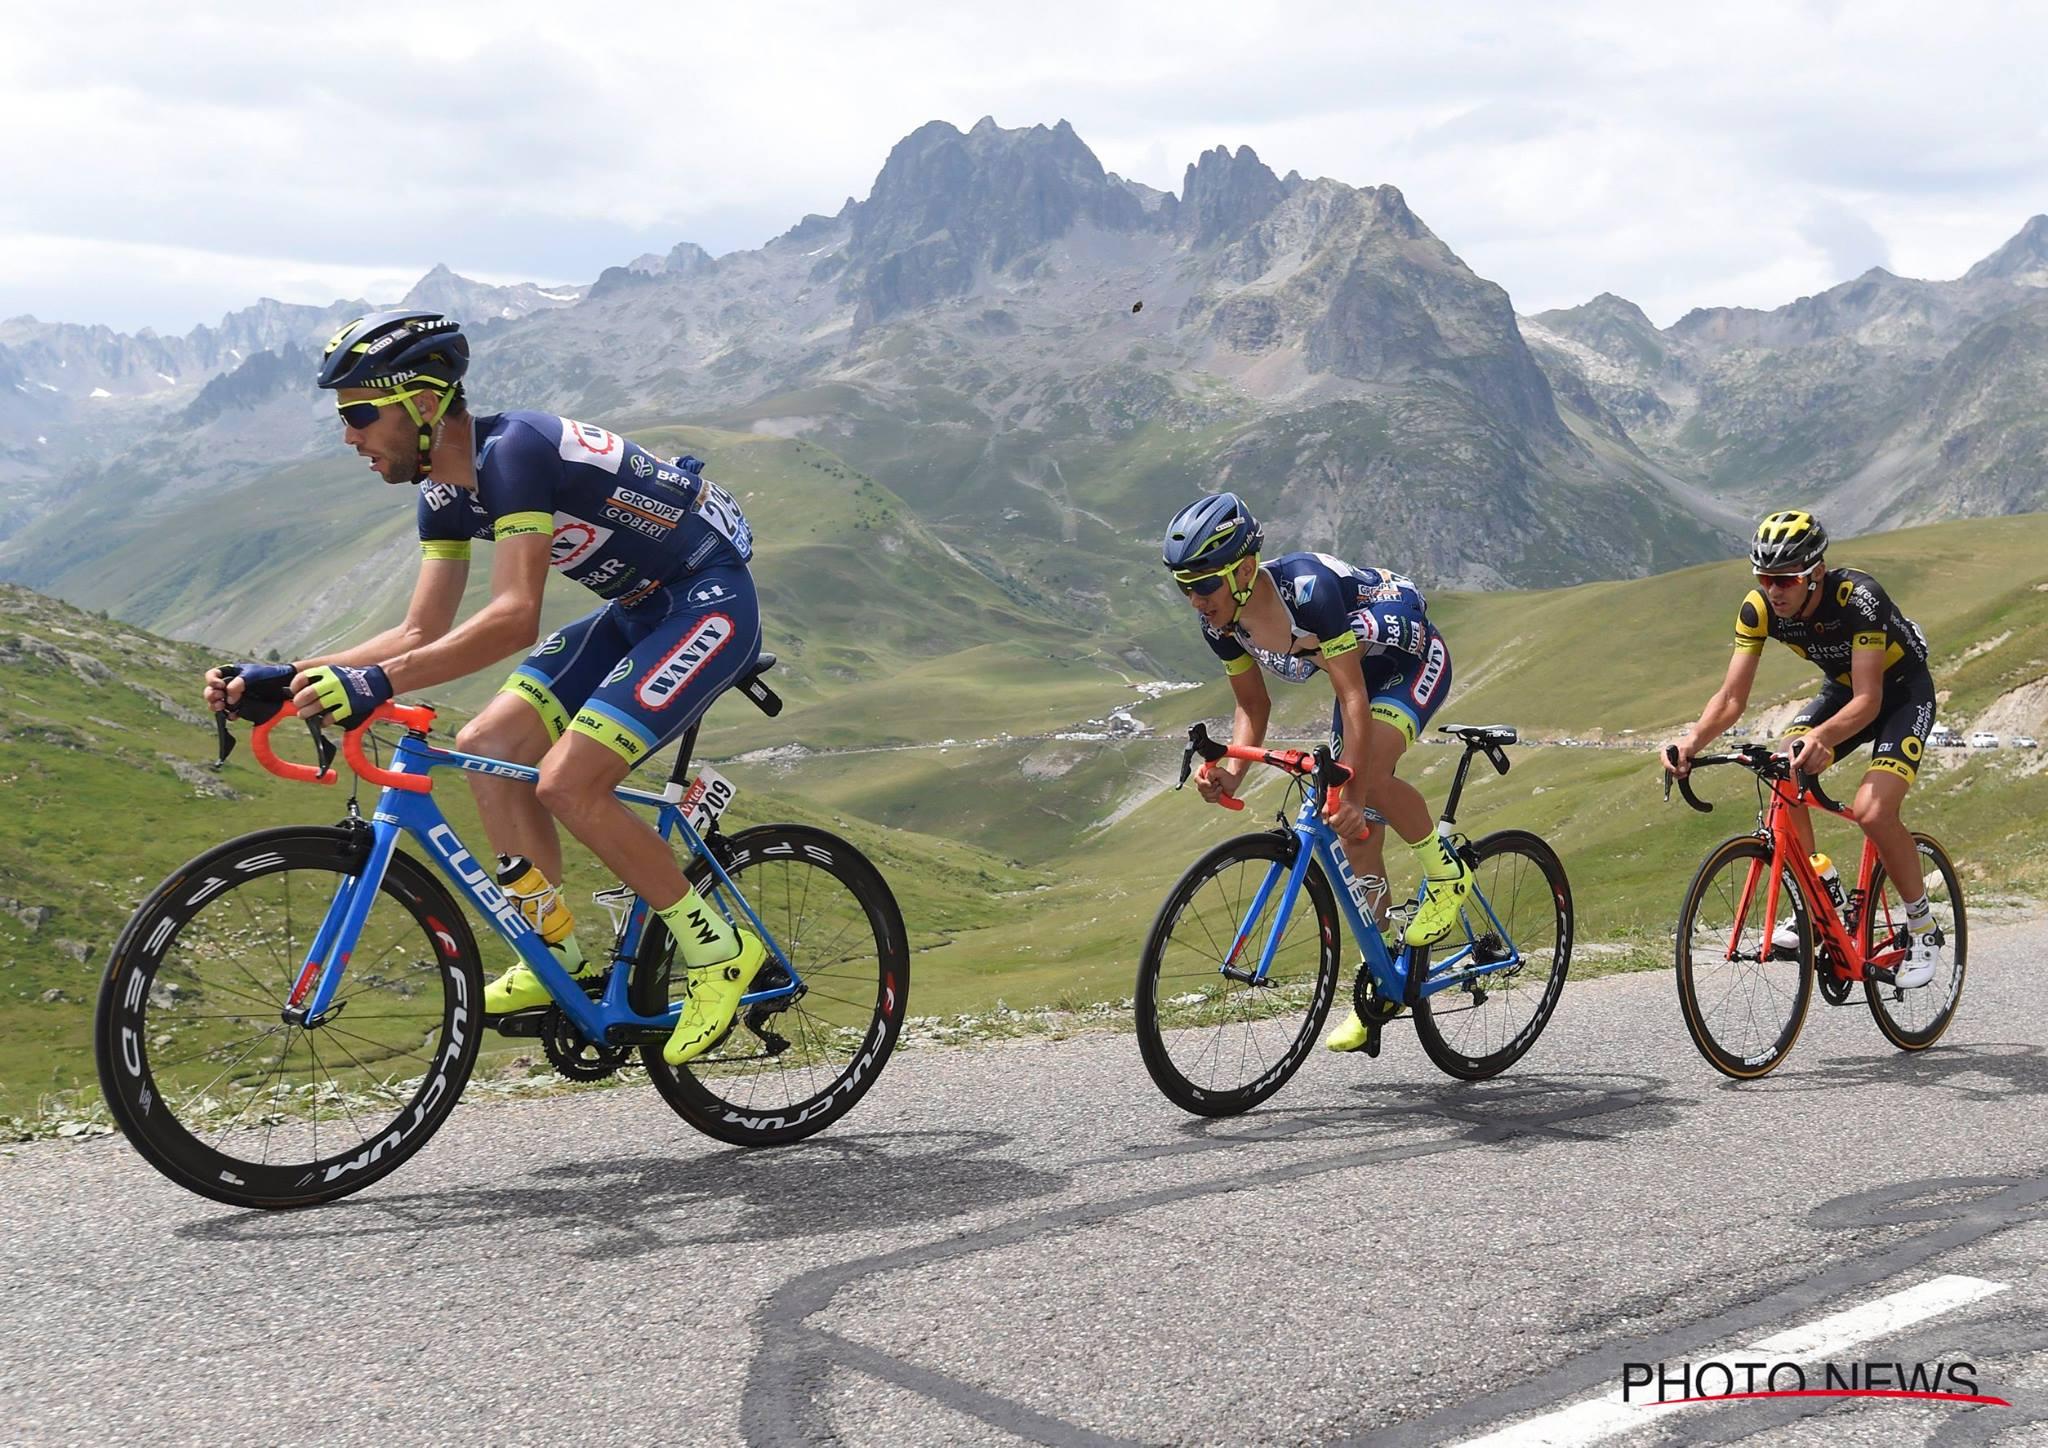 Journée difficile pour Guillaume Martin qui a pu compter sur le soutien sans faille de ses coéquipiers. © Photo News